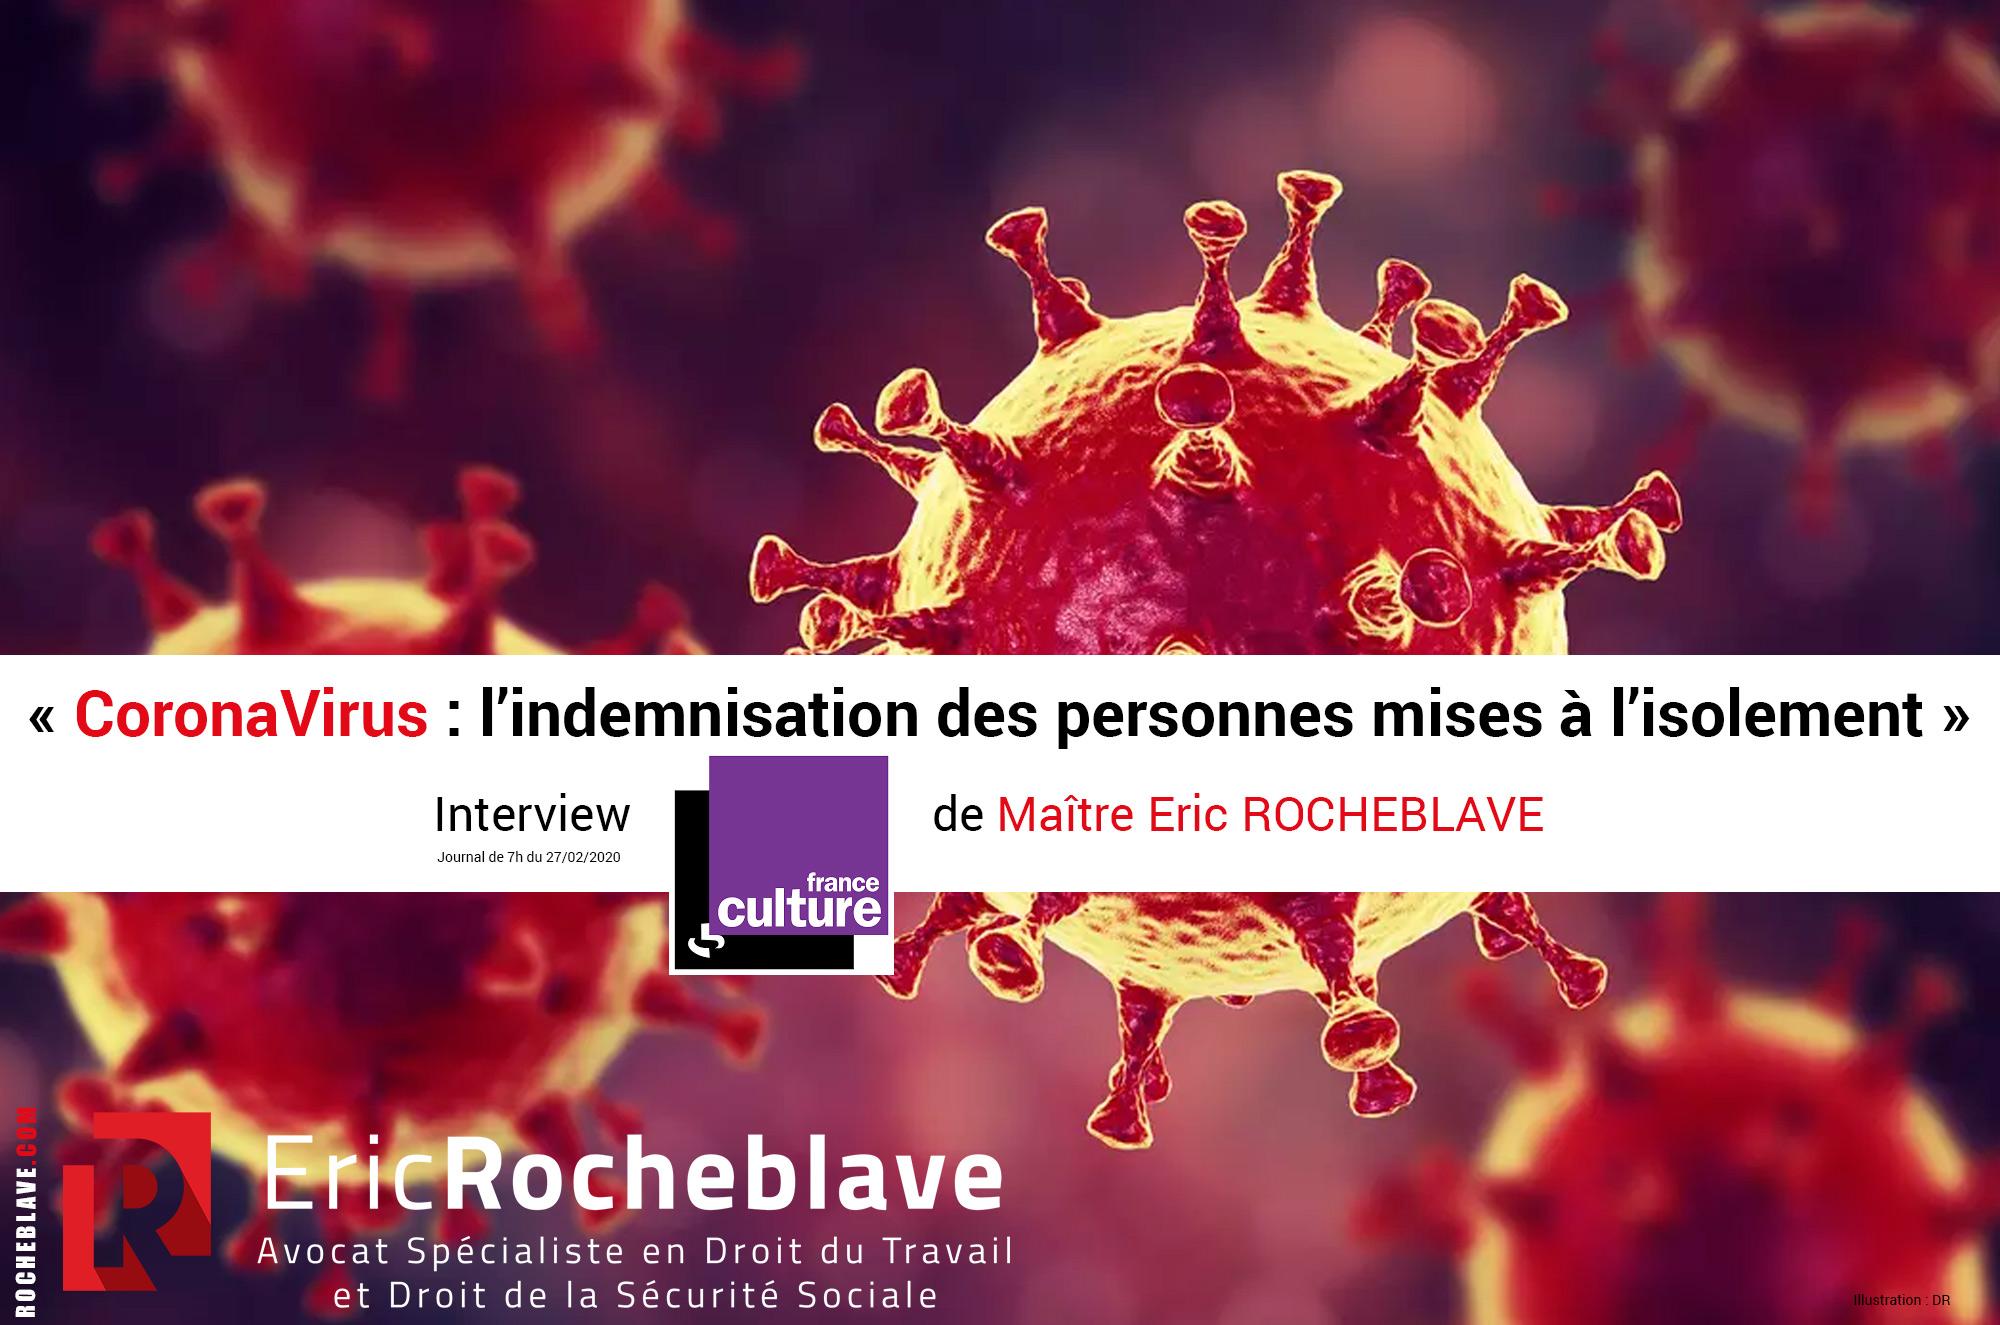 « CoronaVirus : l'indemnisation des personnes mises à l'isolement » Interview France Culture de Maître Eric ROCHEBLAVE